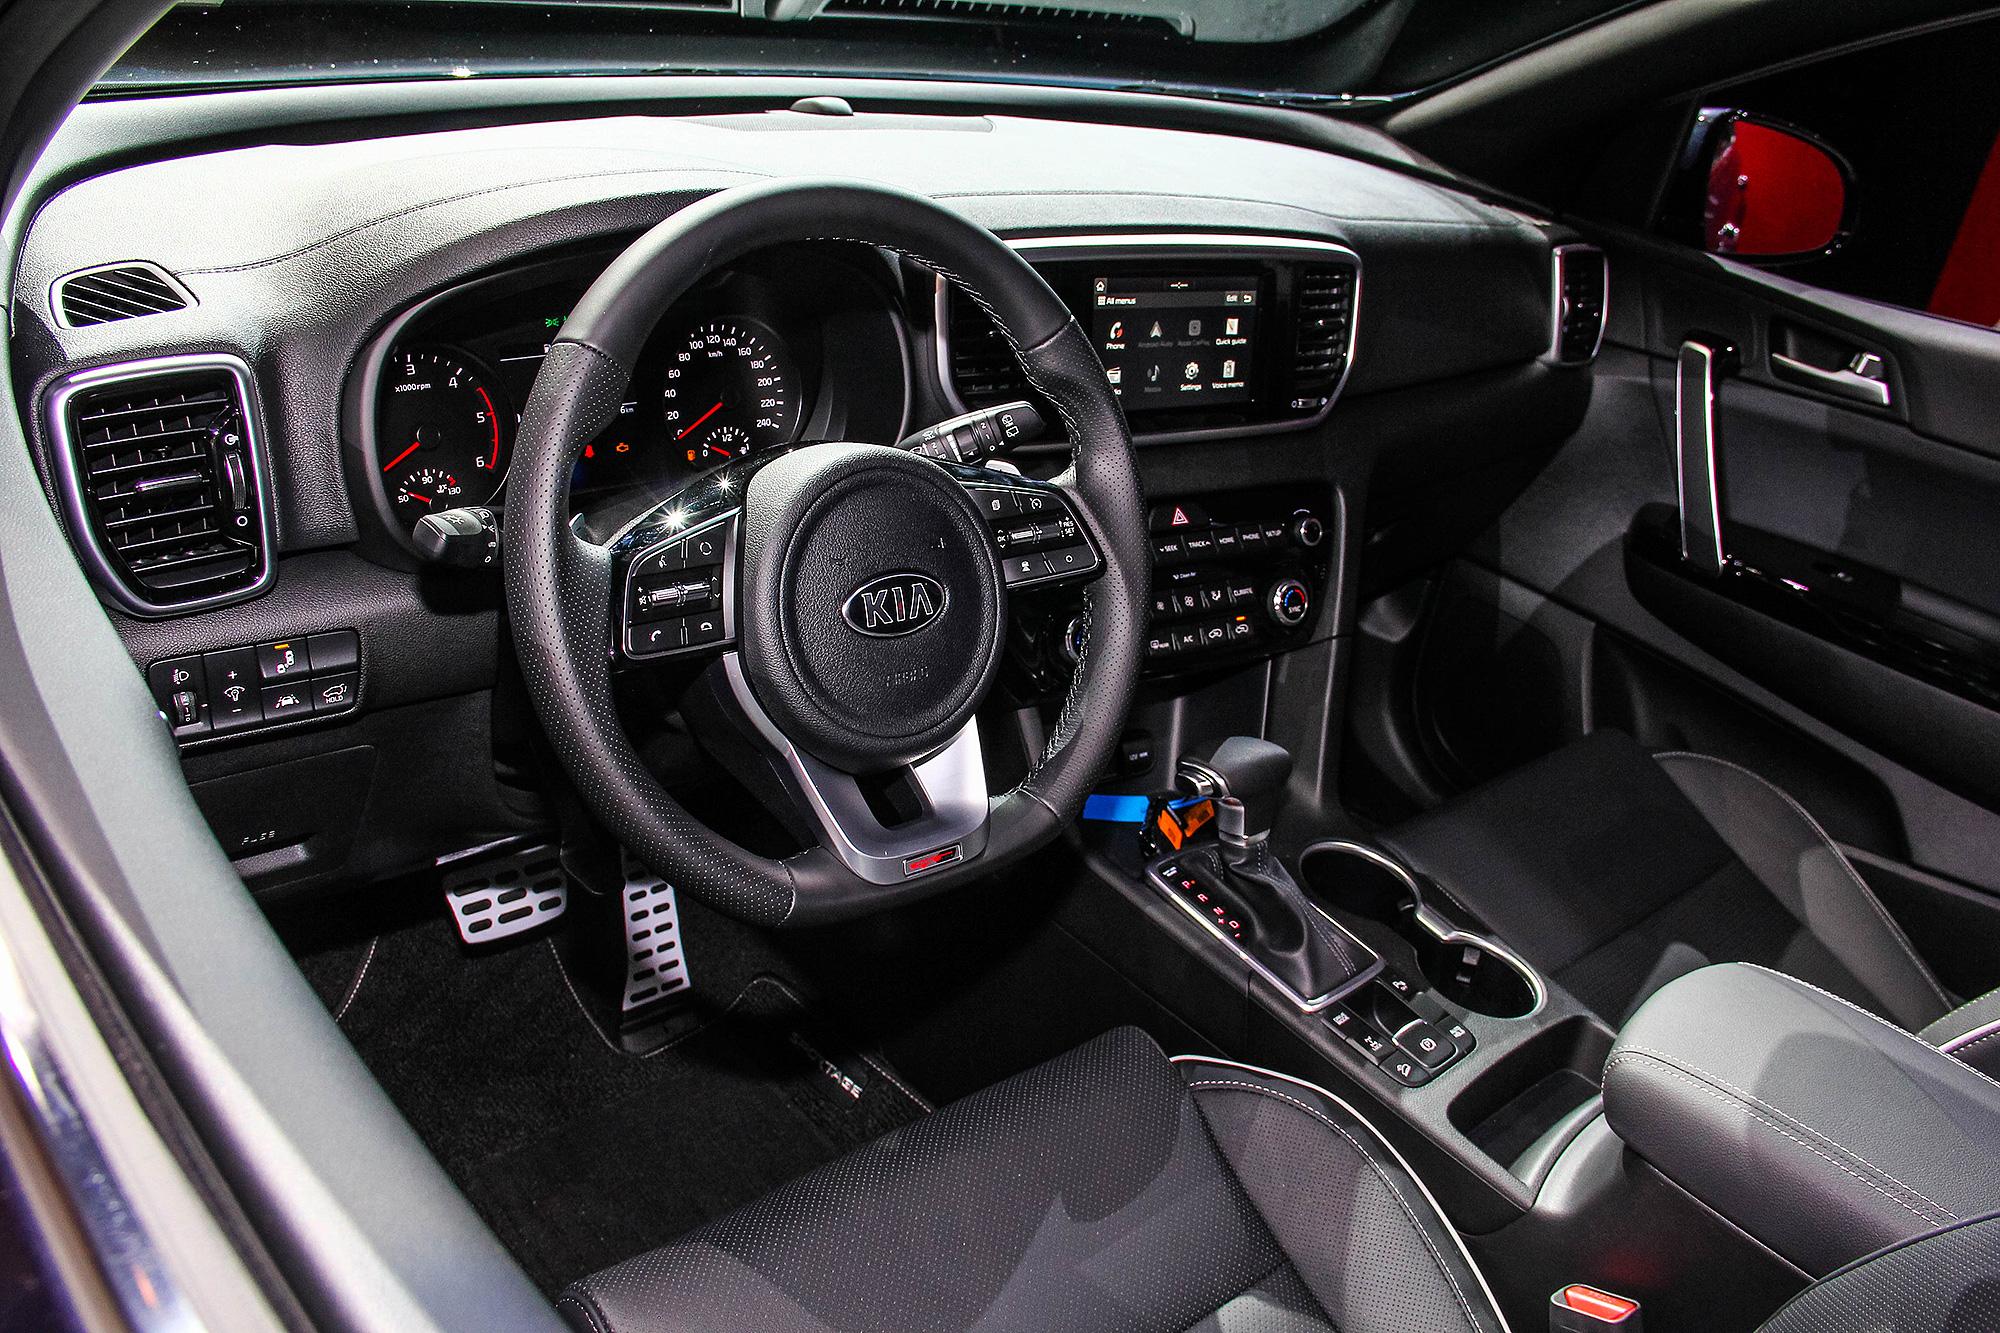 座艙內部主要的調整,在於方向盤造型以及中控多媒體資訊整合系統的修改。